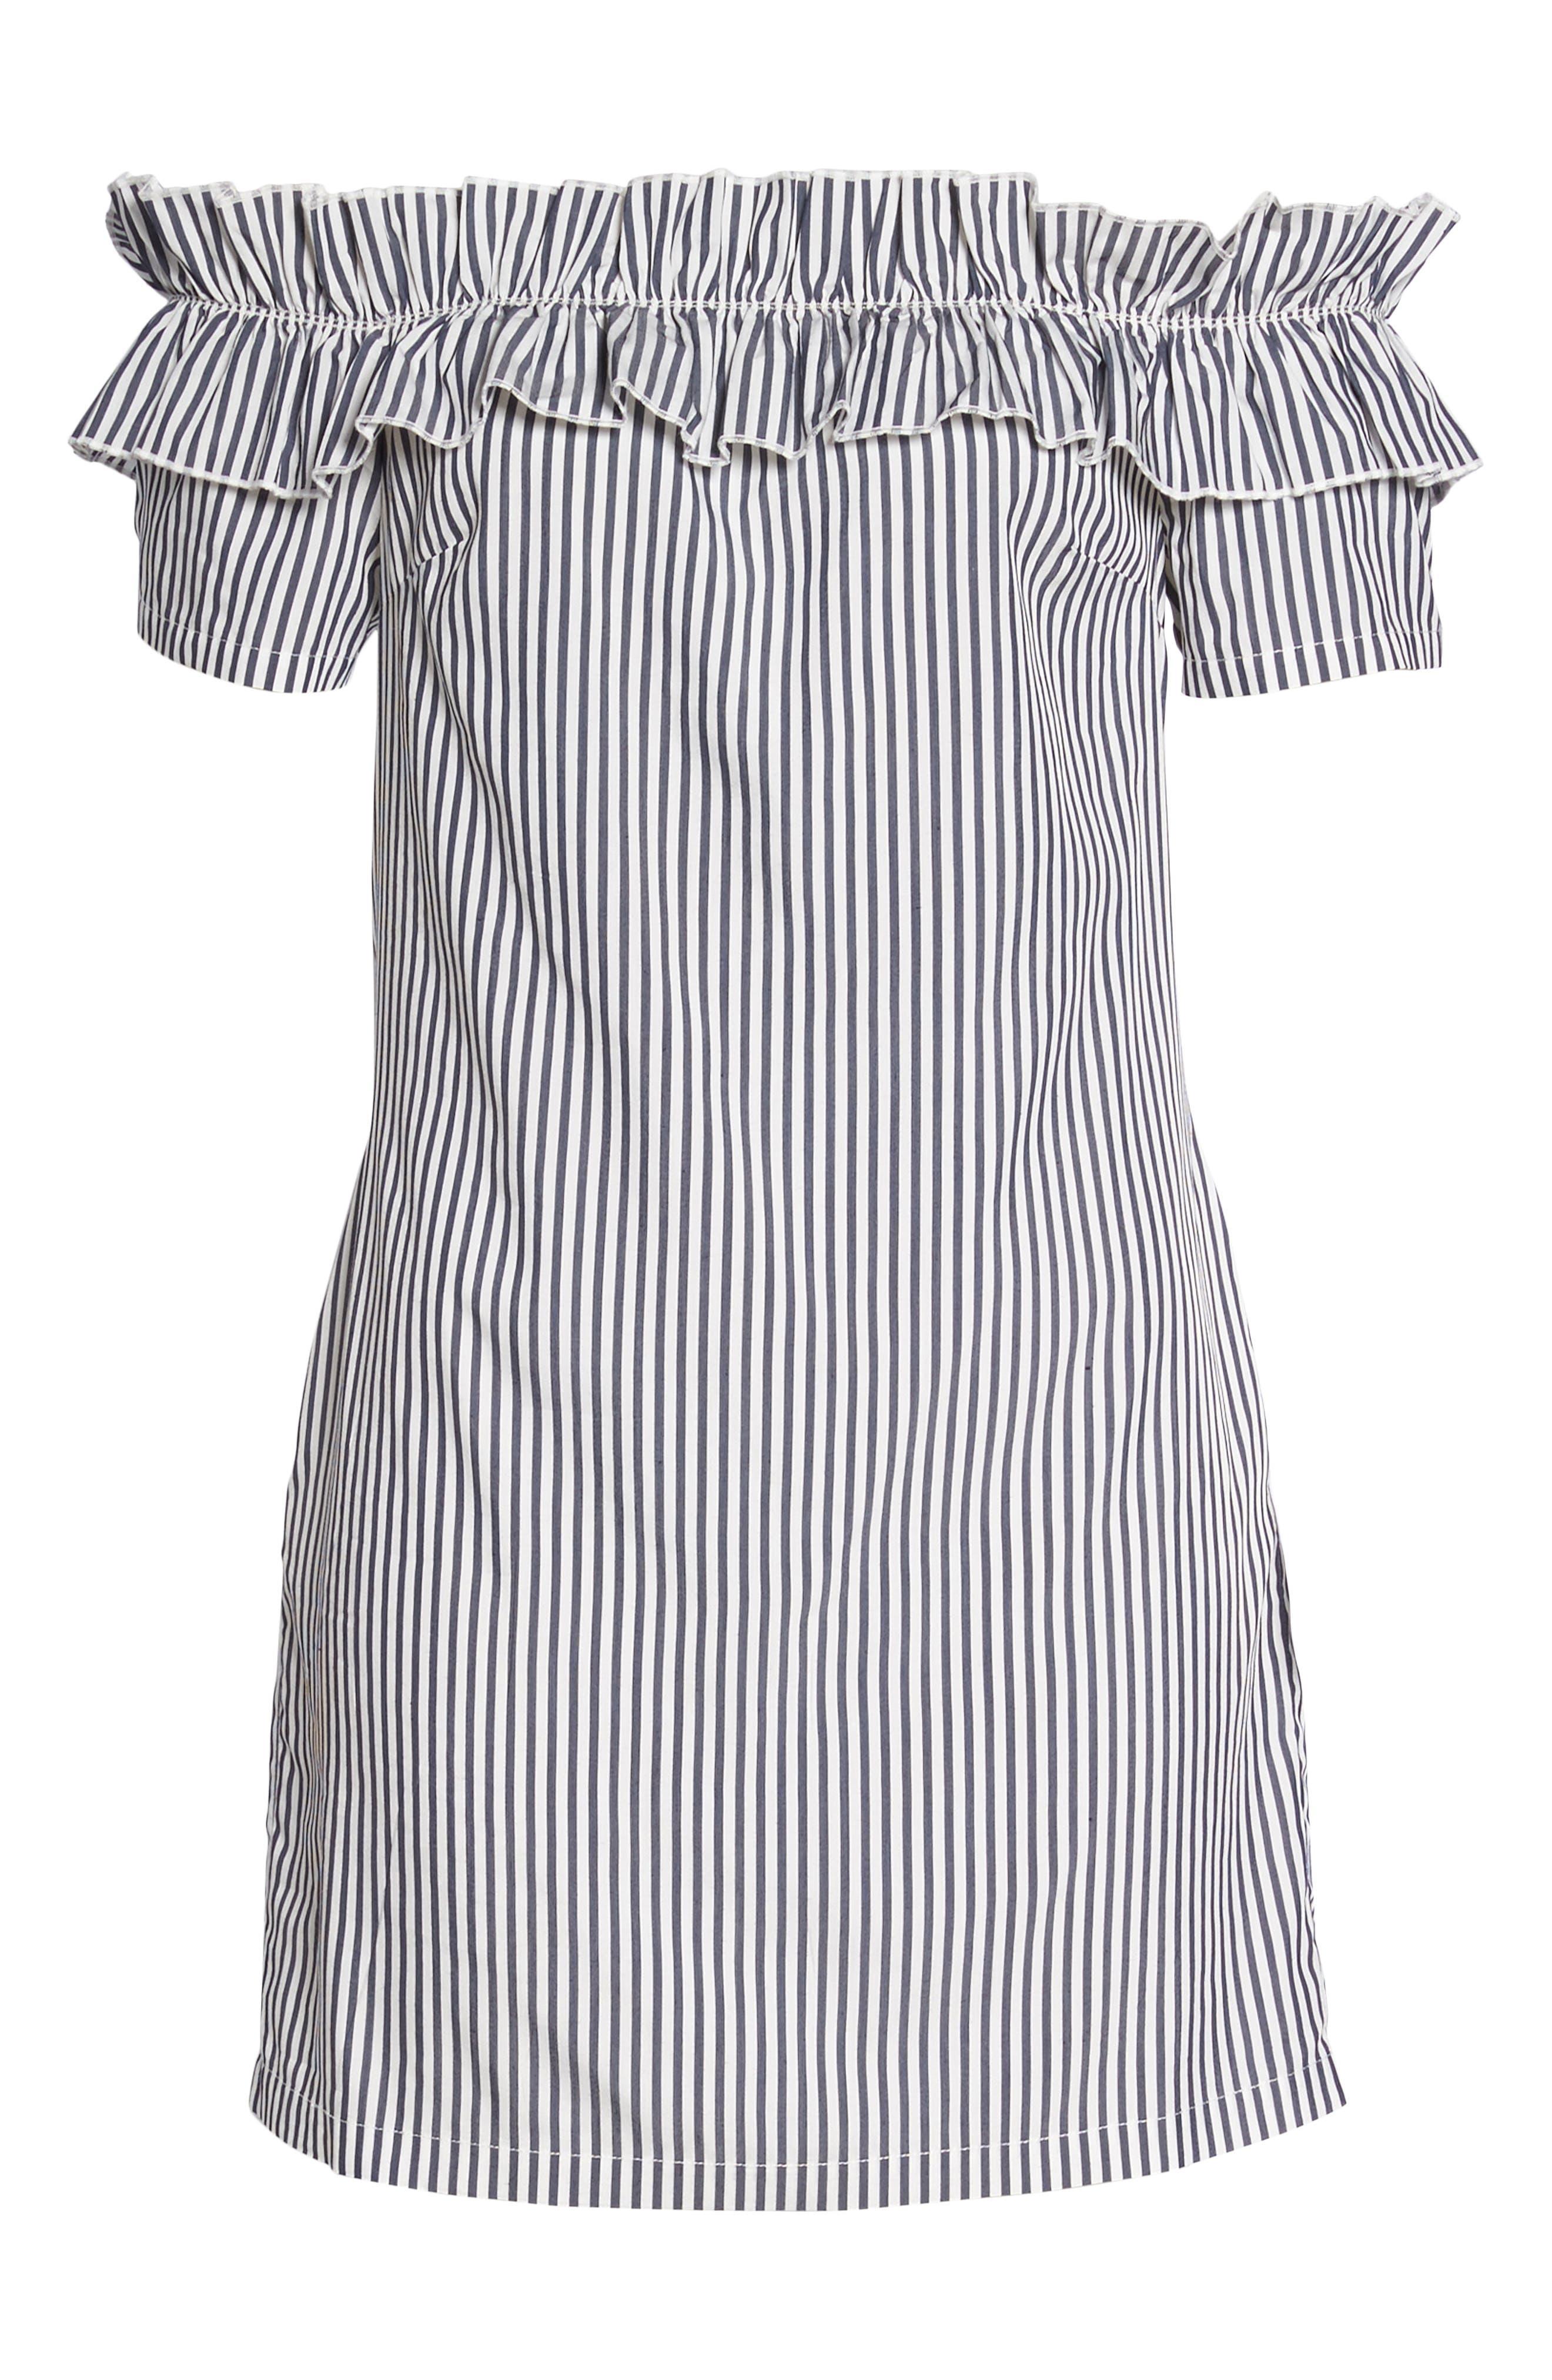 Patio Only Stripe Minidress,                             Alternate thumbnail 6, color,                             Navy/ White Mini Stripe